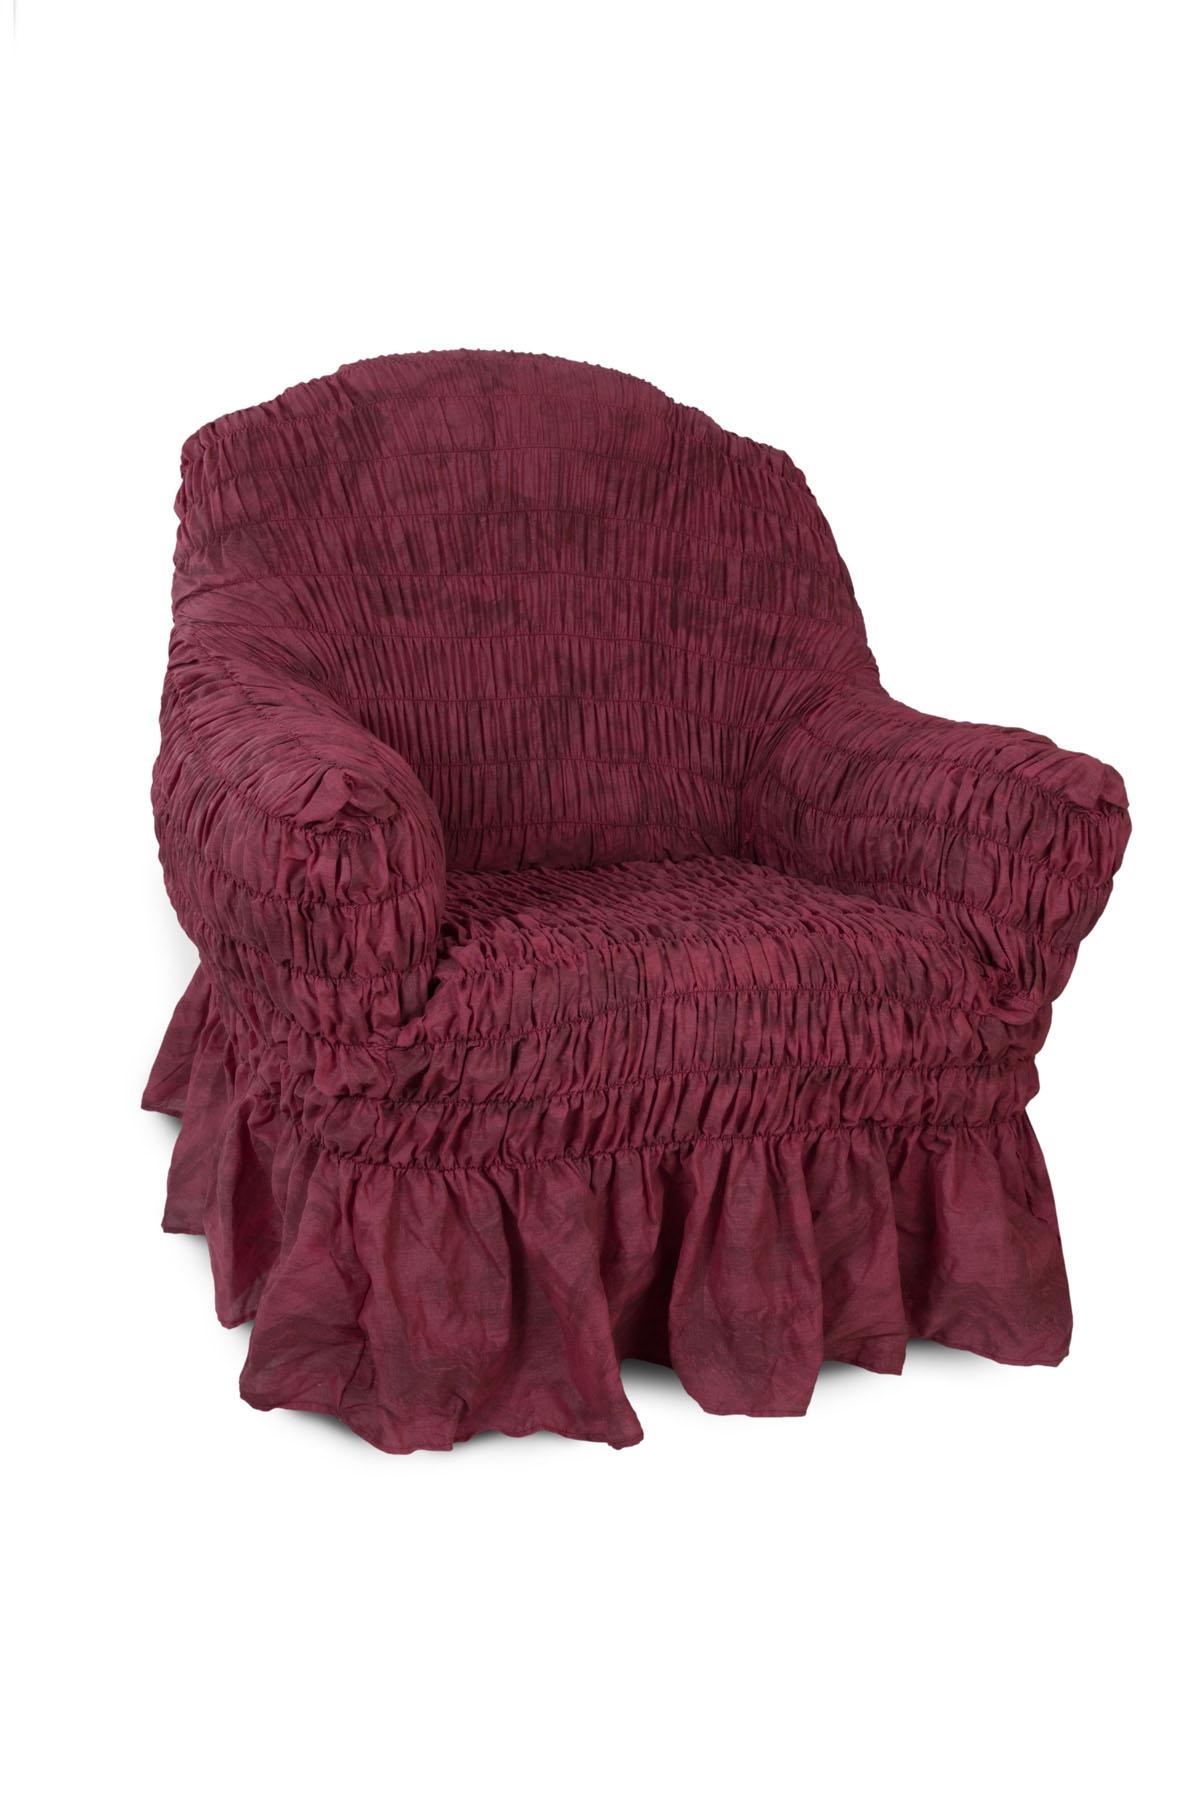 Чехол на кресло Еврочехол Фантазия, цвет: вишня, 60-100 смTHN132NЧехол на кресло Еврочехол Фантазия выполнен из 50% хлопка, 50% полиэстера. Он защитит вашу мебель от ежедневных воздействий. Натуральный состав ткани гипоаллергенен, а потому безопасен для малышей или людей пожилого возраста. Чехол в классическом цветовом исполнении - один из самых востребованных. Наличие оборки (юбки) по нижнему краю чехла придает мебели особое очарование, изюминку, привнося в интерьер помещения уют, свежесть, легкость и мягкость. Неважно, в каком стиле выполнена обстановка (это может быть классический интерьер, либо скандинавского стиля, или даже в колониальных мотивах), чехол чудесно дополнит стилистику любого интерьера - от ретро до современности. Гостиная, детская, кухня, прихожая или спальня - с таким чехлом любая комната наполнится нежностью и любовью. Растяжимость чехла по спинке (без учета подлокотников): 60-100 см.